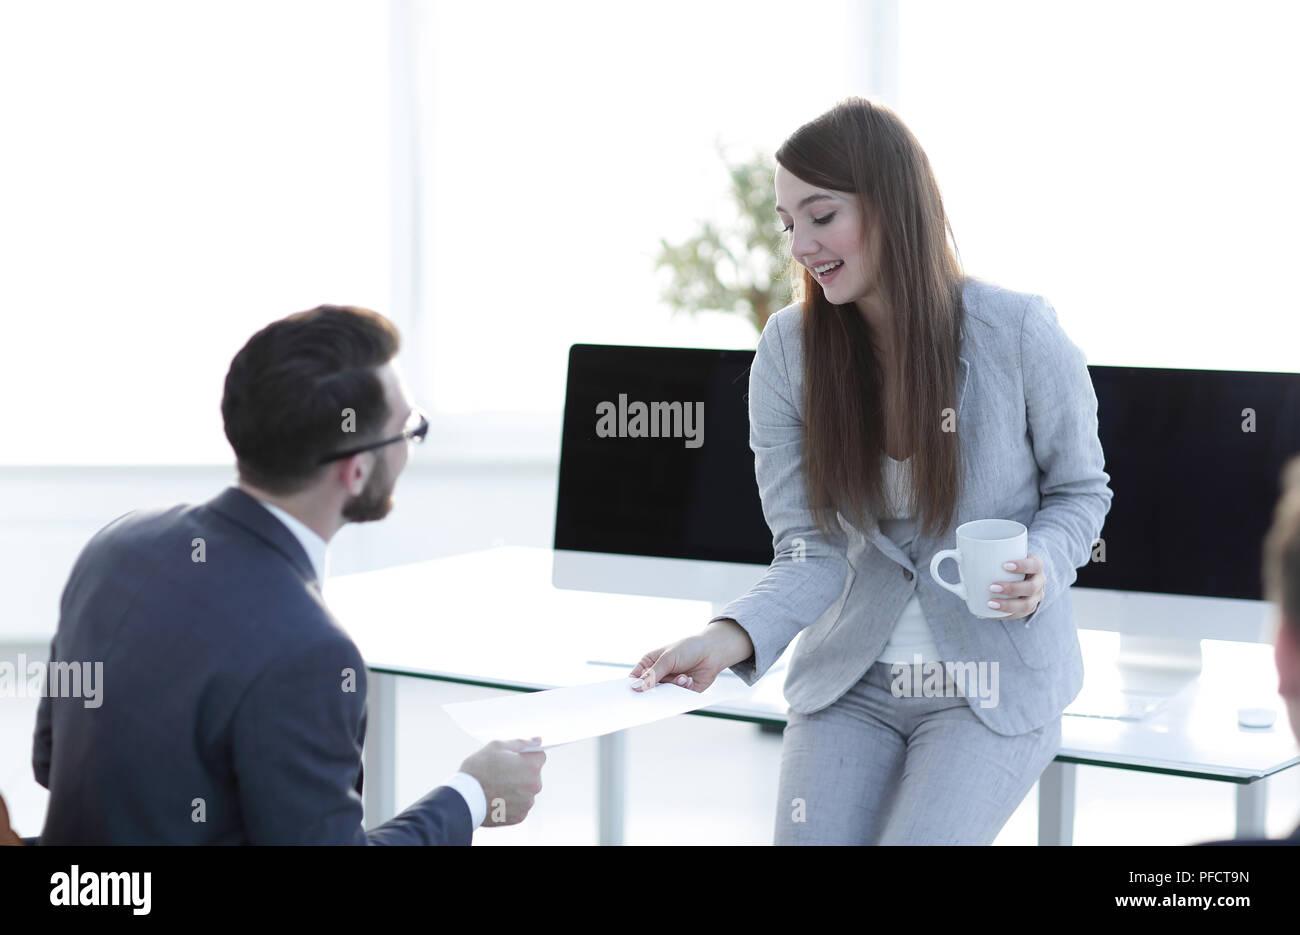 Mitarbeiter gibt dem Manager das Dokument. Stockfoto